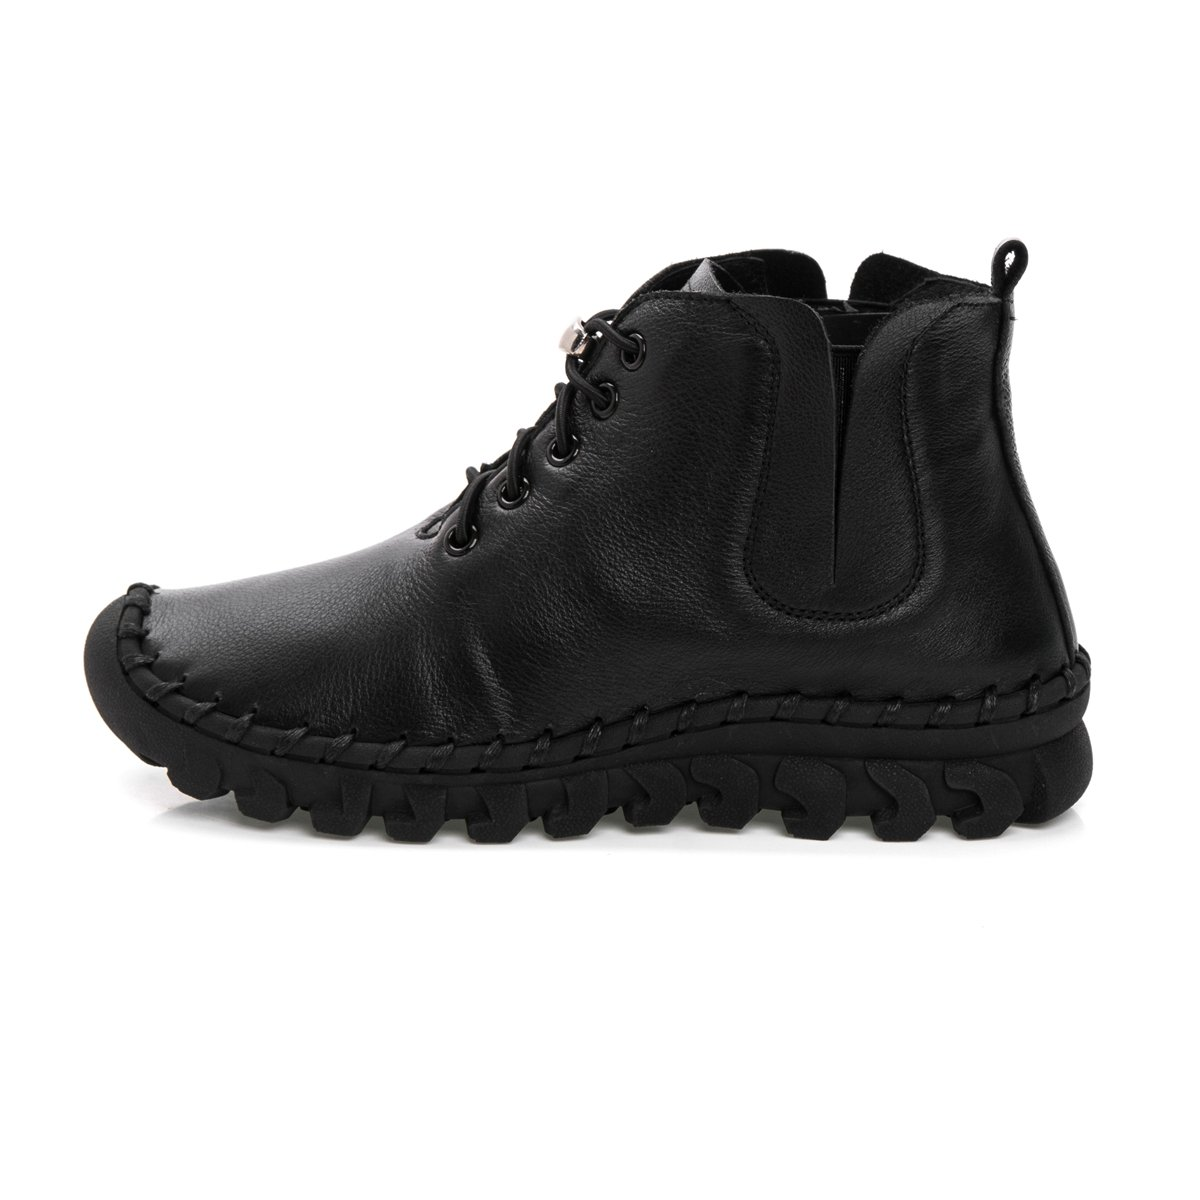 Antiordin Women's Calf Leather Booties Flat Ankle Boots US|Velvet Shoes B0756CCZ5L 5.5 B(M) US|Velvet Boots Black 019c9b